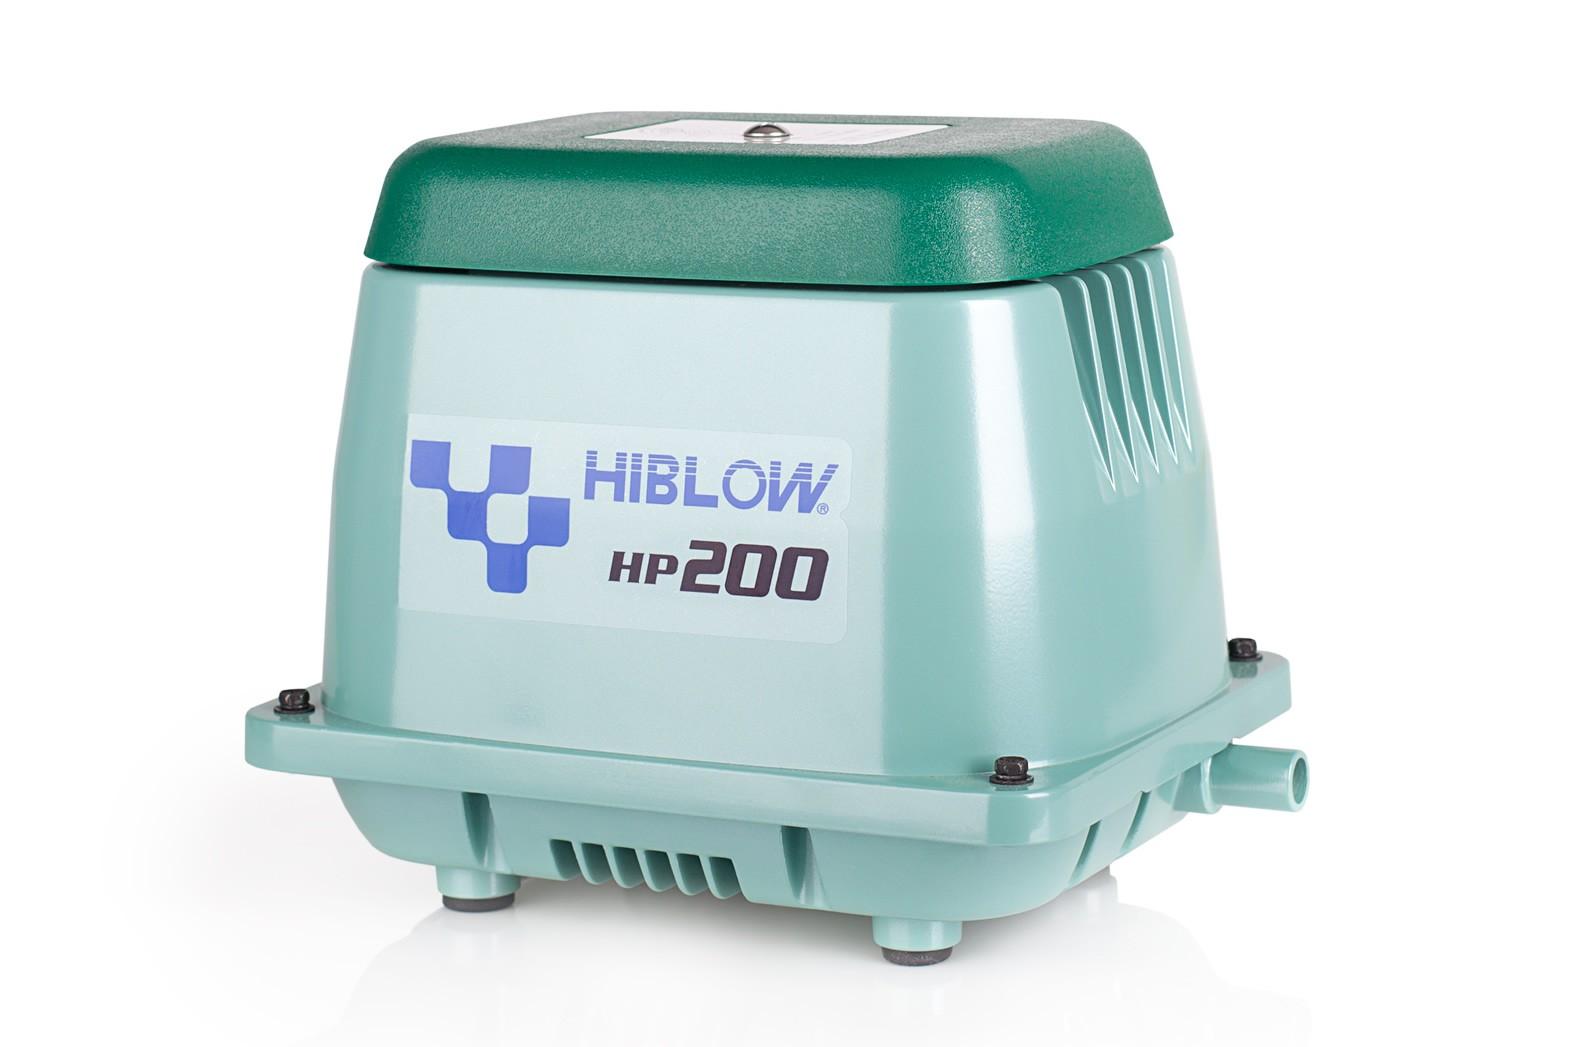 компрессор Hiblow HP-200 для септиков и прудов